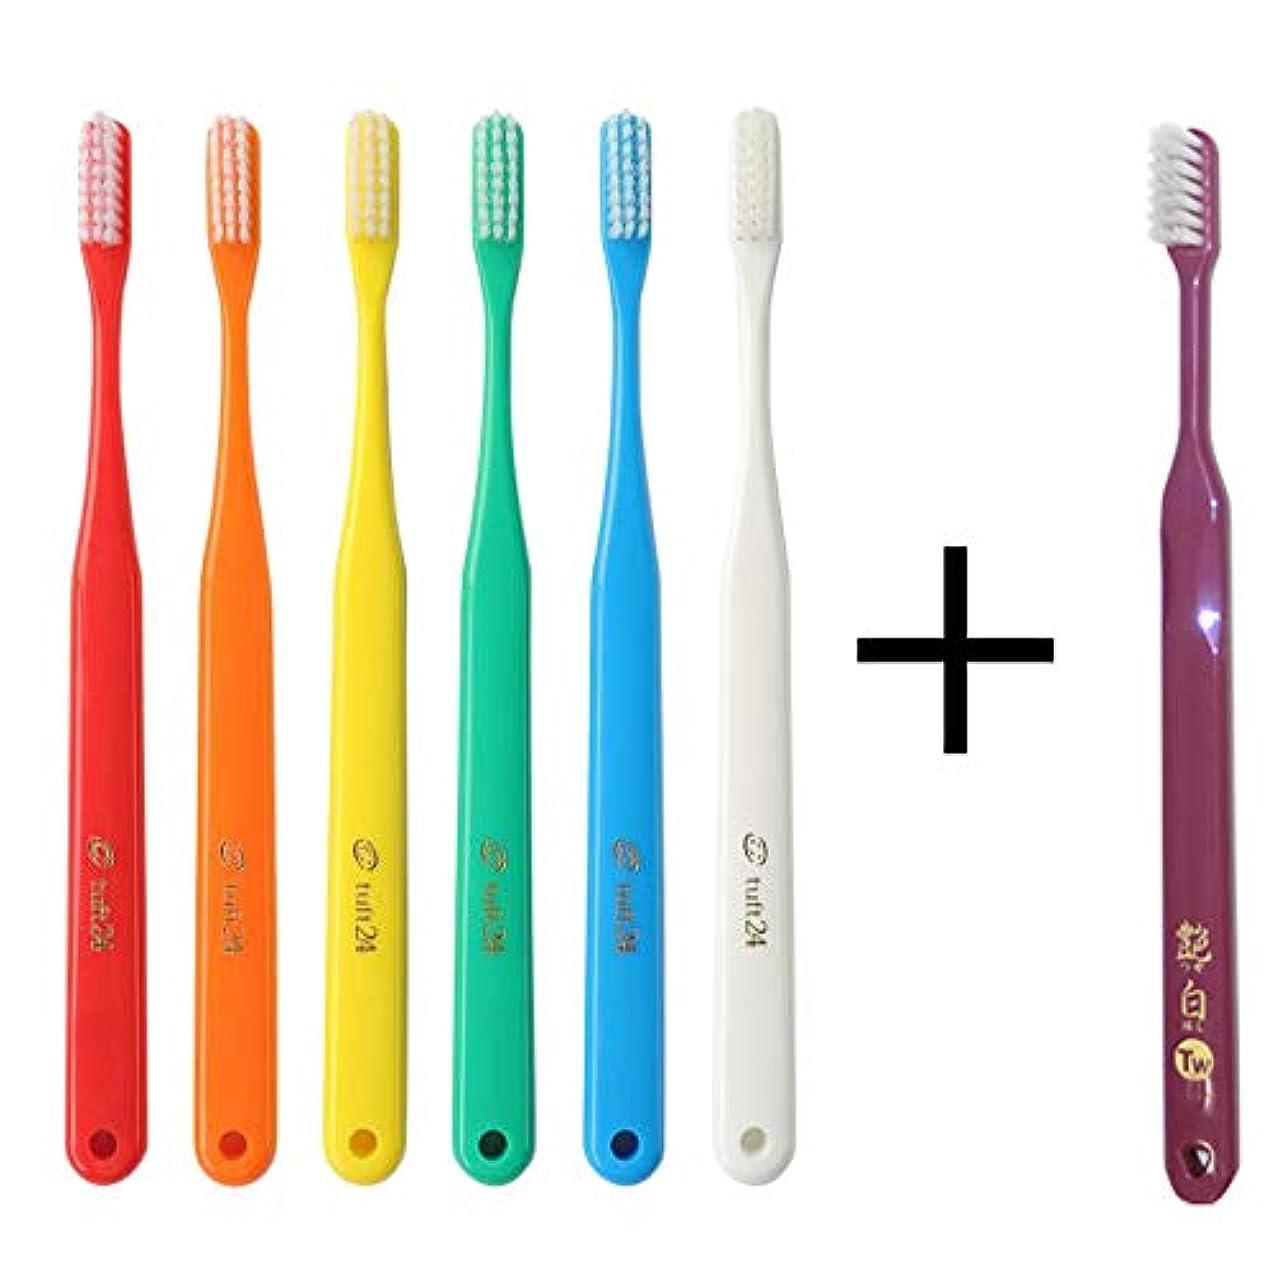 薄い乱暴なキャップなし タフト24 歯ブラシ × 25本入 S (アソート) + 艶白 歯ブラシ (日本製) ×1本 MS(やややわらかめ) 大人用歯ブラシ 歯科医院取扱品